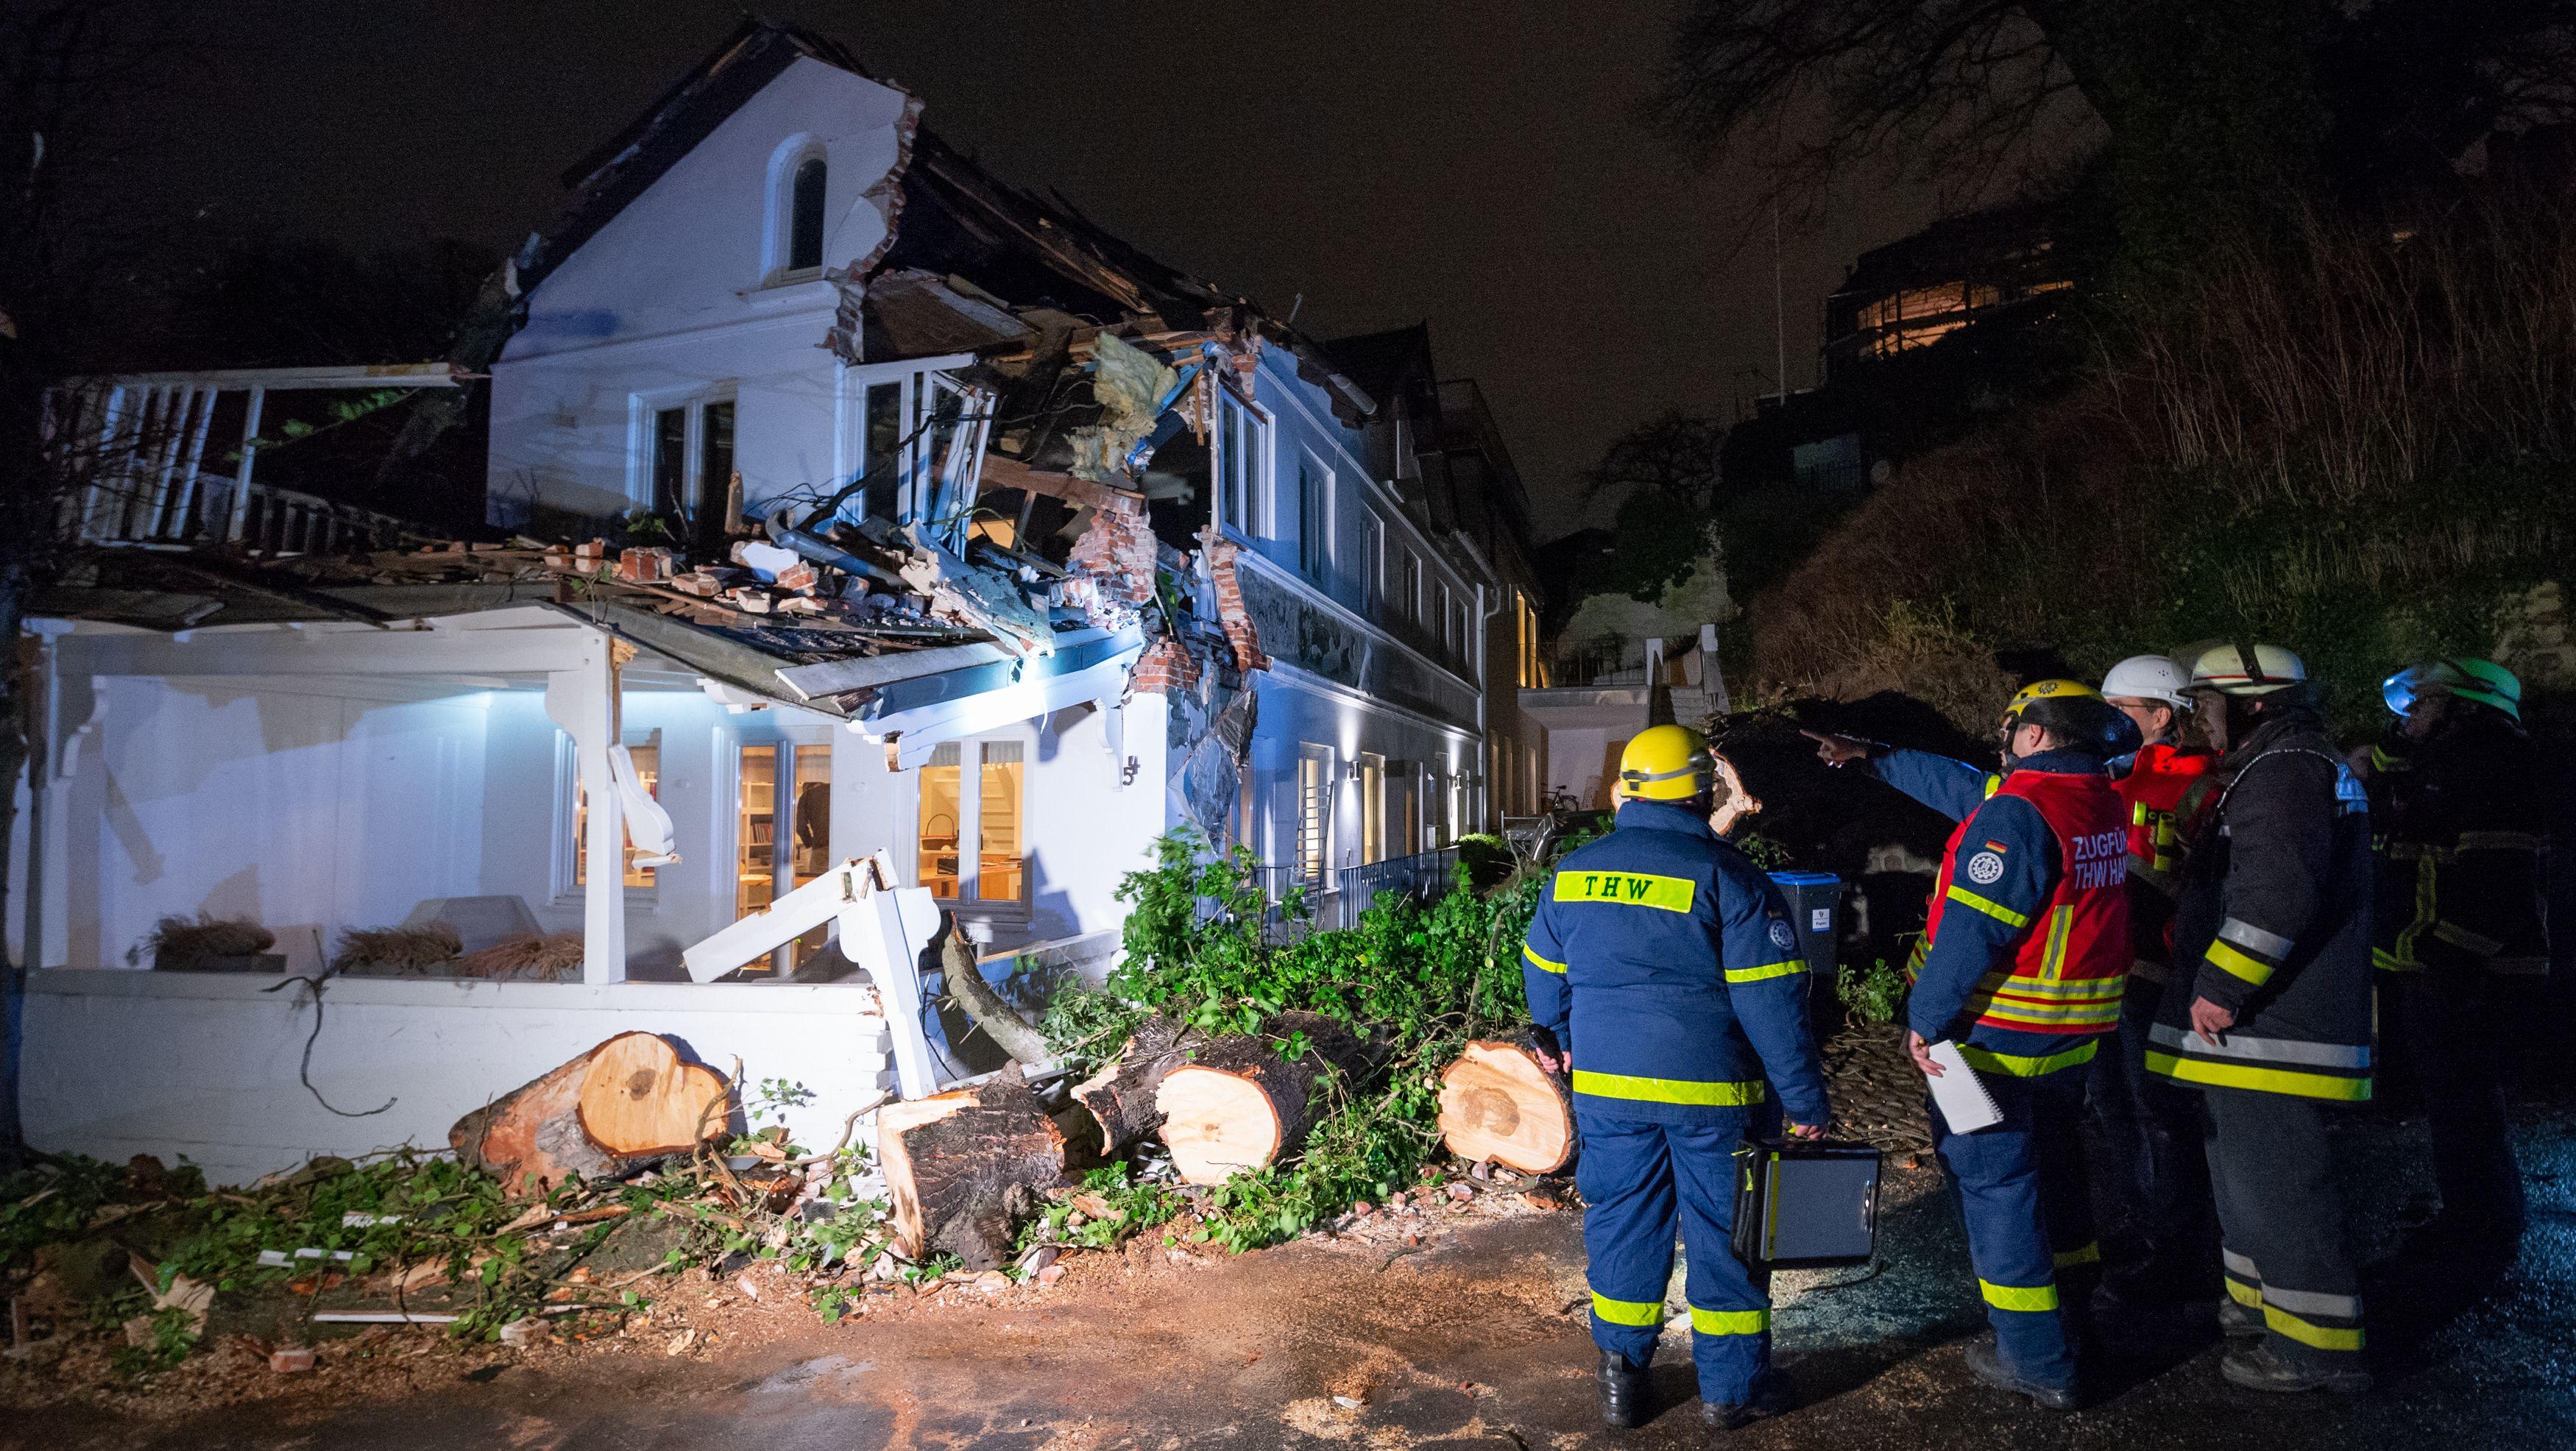 Einsatzkräfte des Technischen Hilfswerks stehen in Hamburg an einem Wohnhaus, das durch einen umgekippten Baum stark beschädigt wurde.